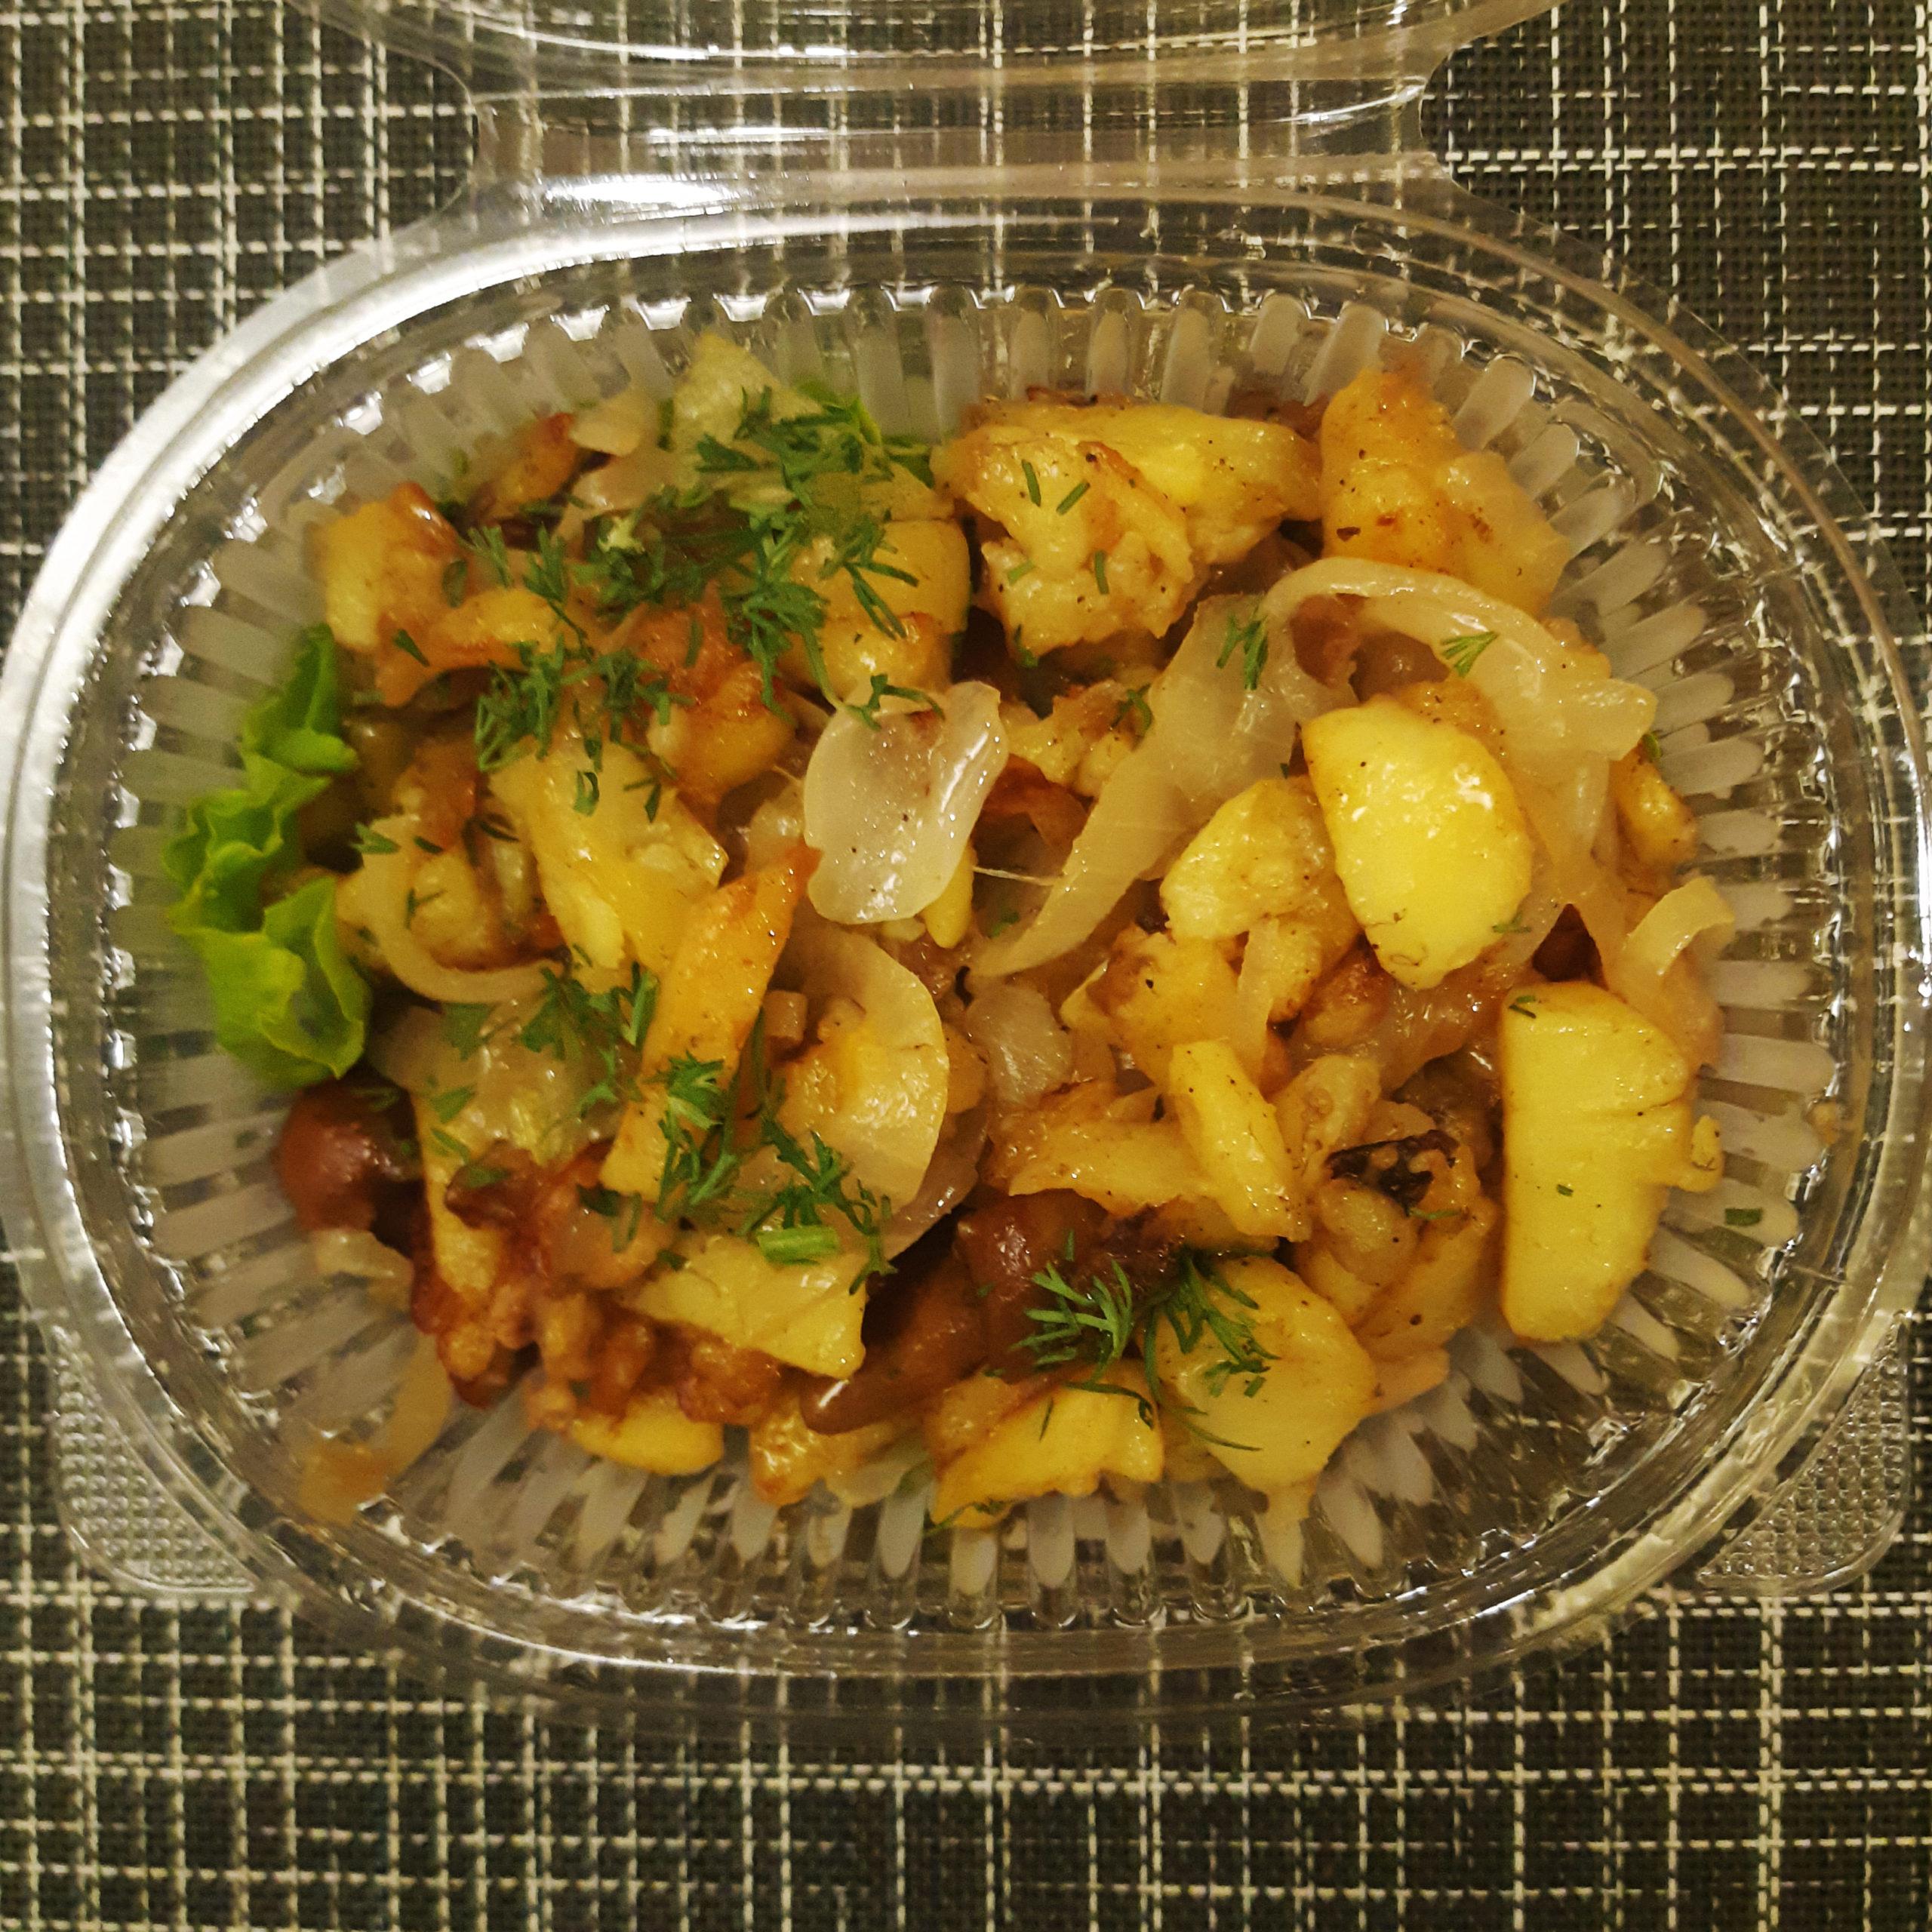 салат жареная картошка грибы